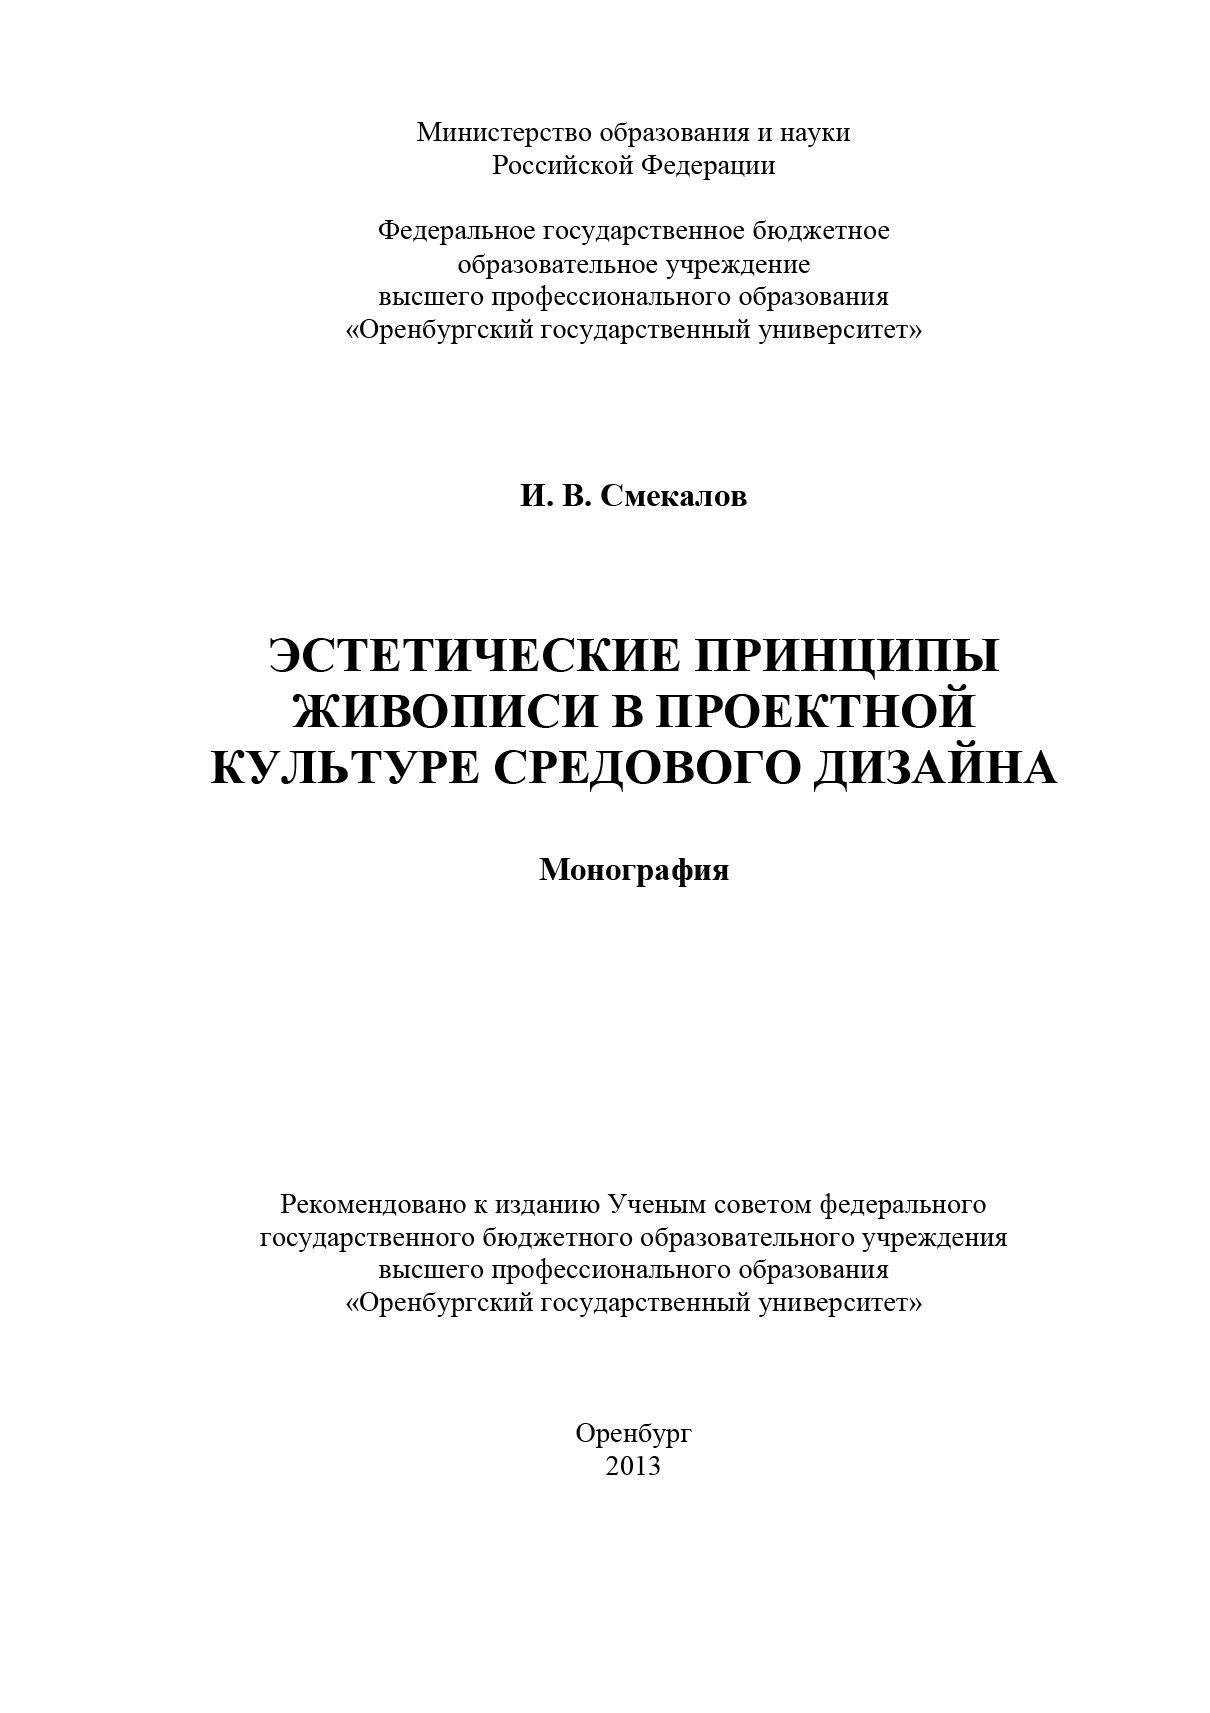 И. В. Смекалов Эстетические принципы живописи в проектной культуре средового дизайна